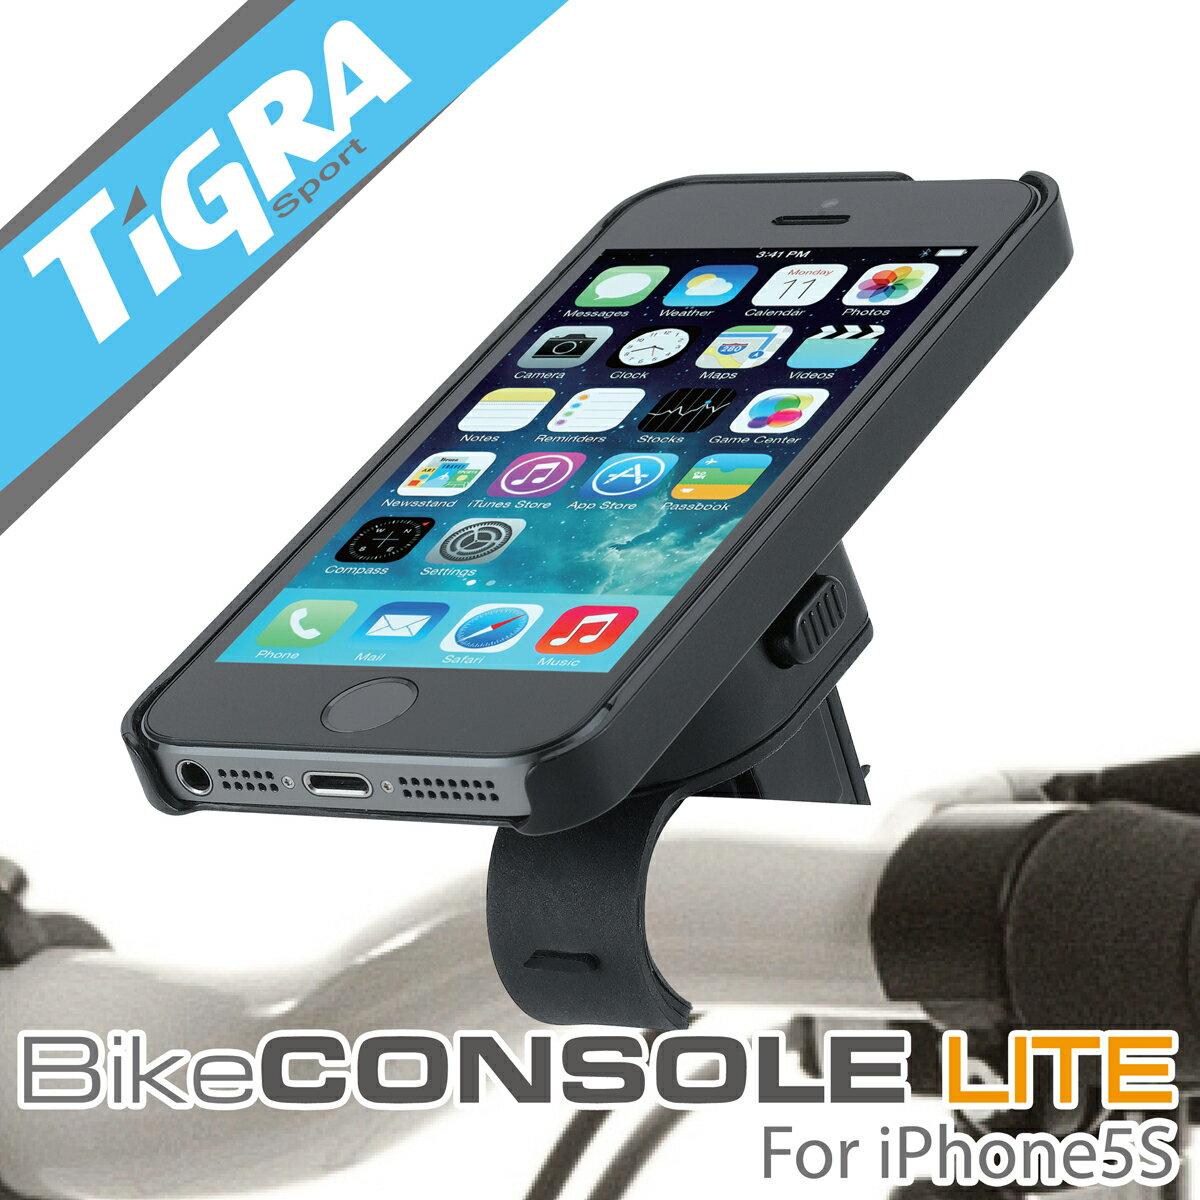 TiGRA Sport iPhone SE 自転車 ホルダー iPhone5 S バイク アイフォン サイクルコンピューター MC-IPH5S-BK| ケース スマホ 防水 スマートフォン 携帯 スマホホルダー スタンド スマートフォンホルダー アクセサリー ロードバイク アイホン 自転車ホルダー マウント